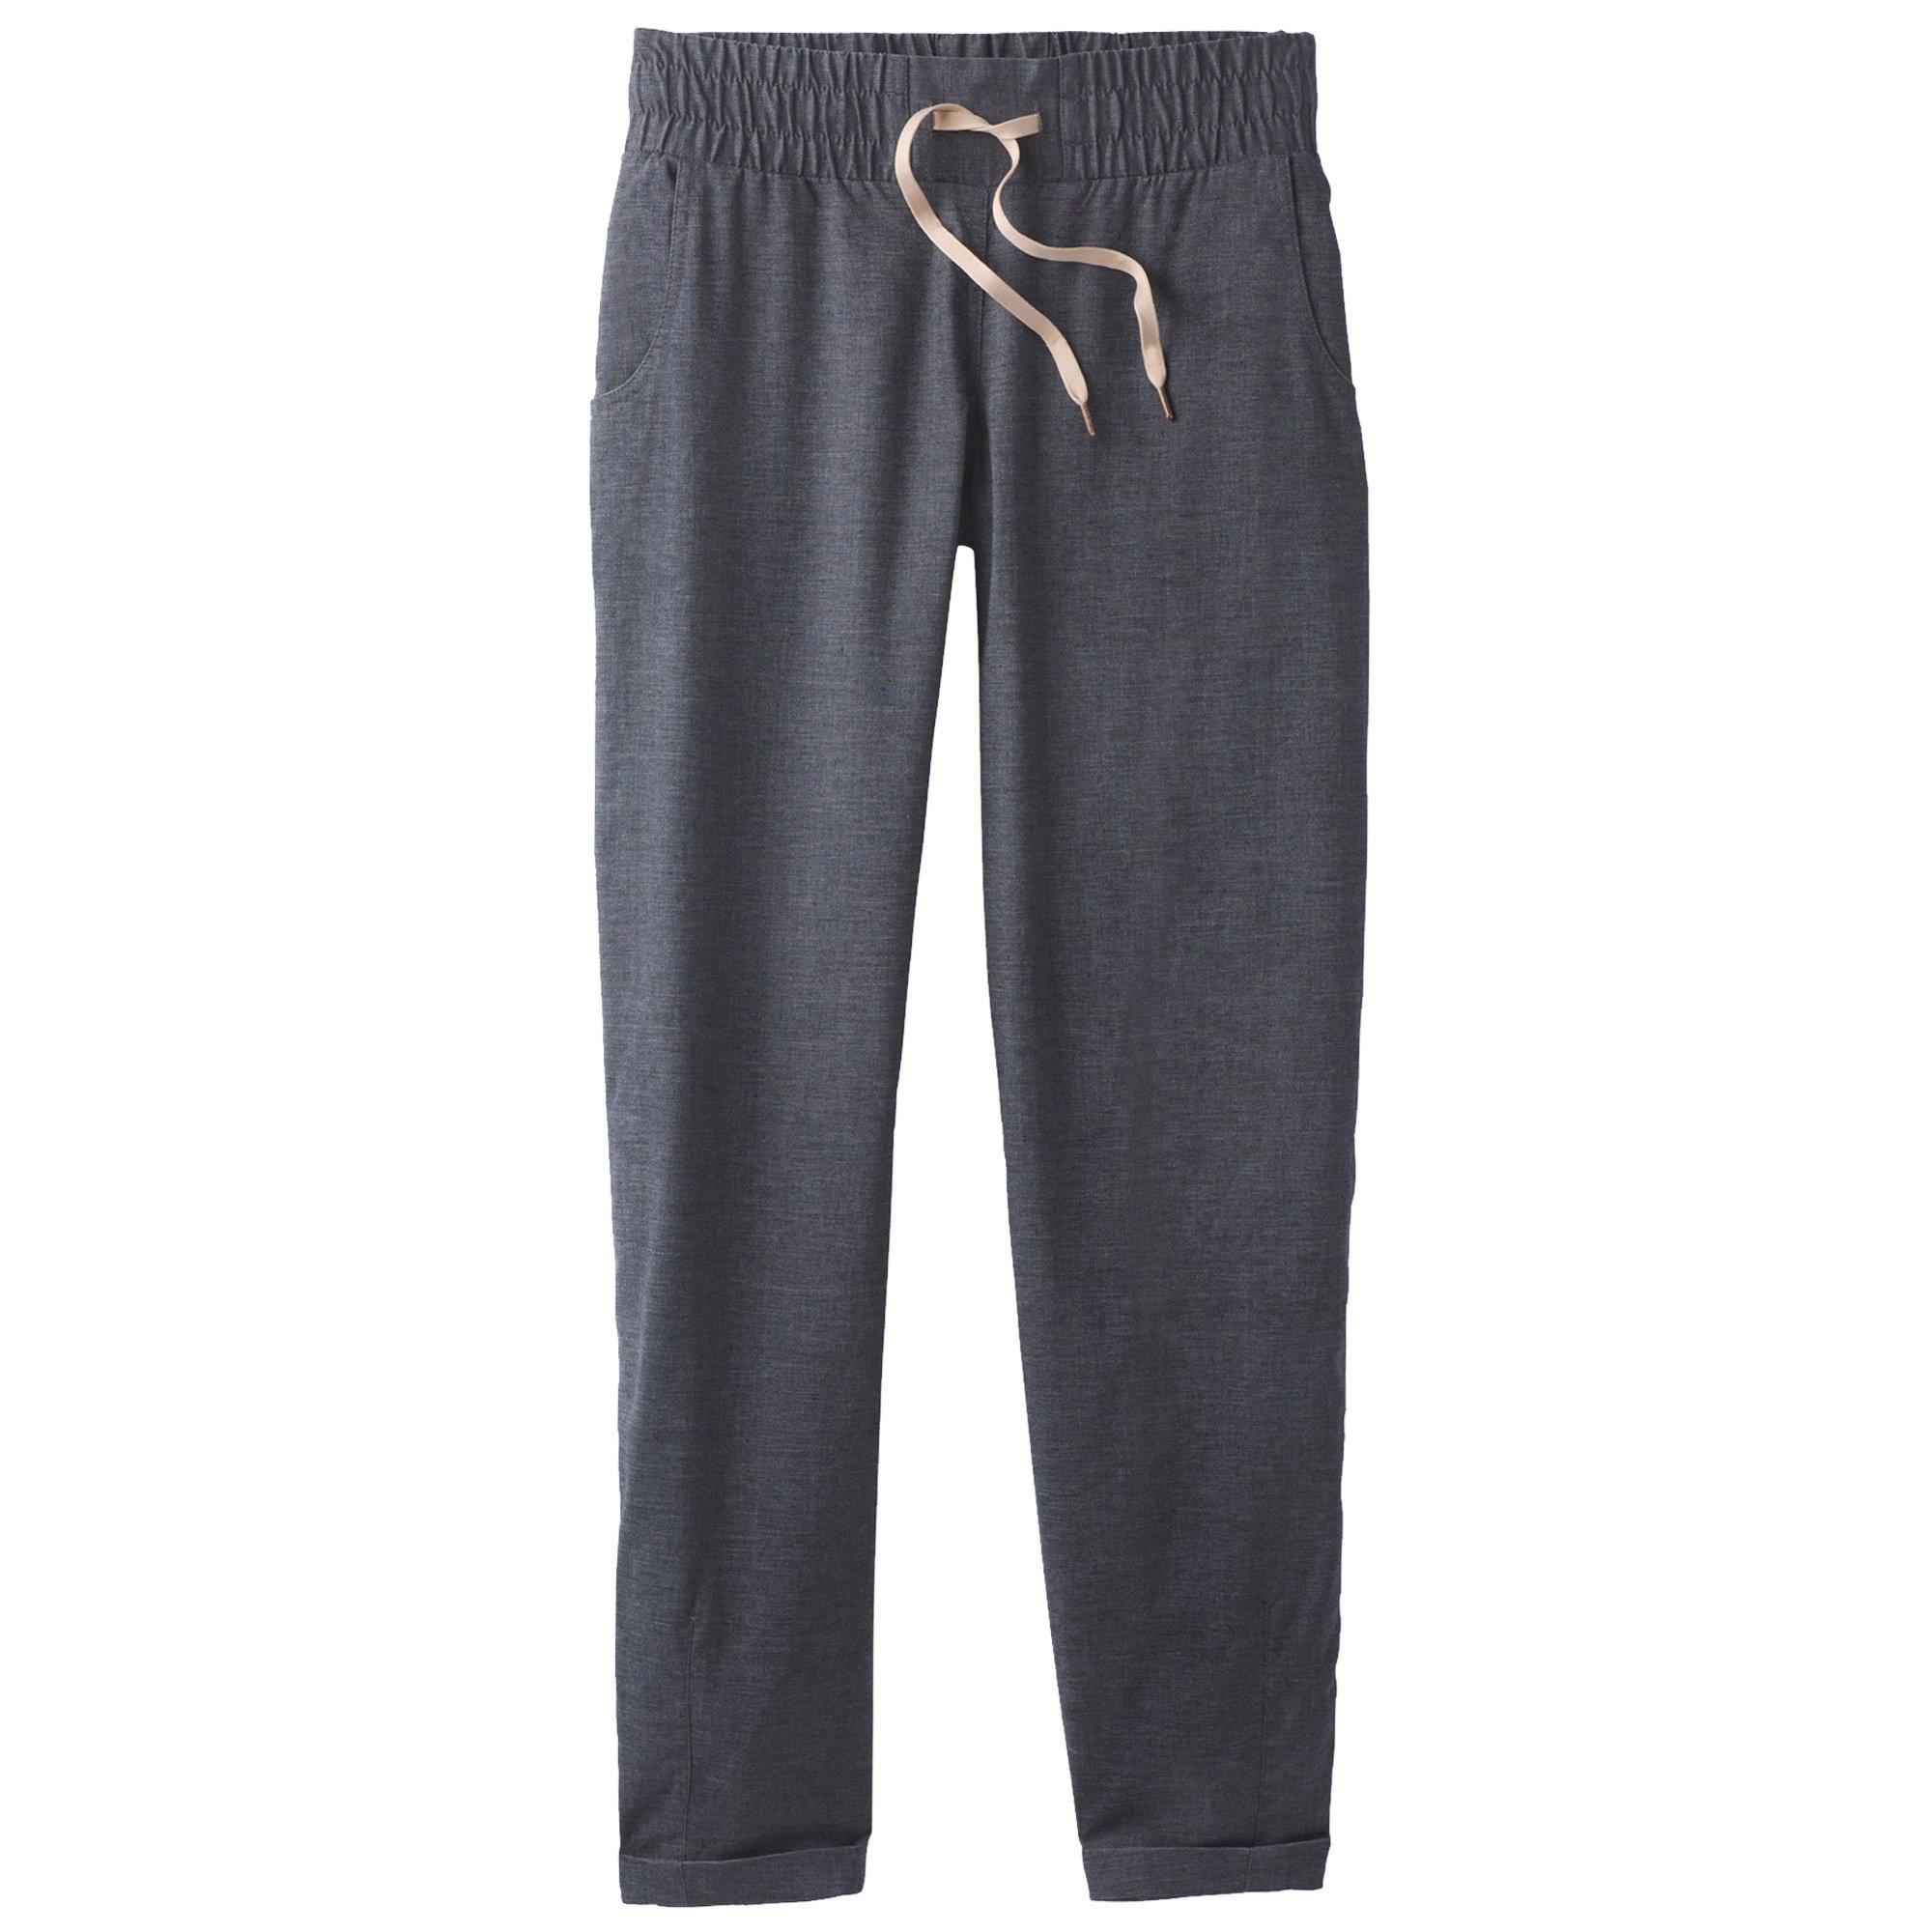 prAna Women's Shala Pants, Medium, Coal